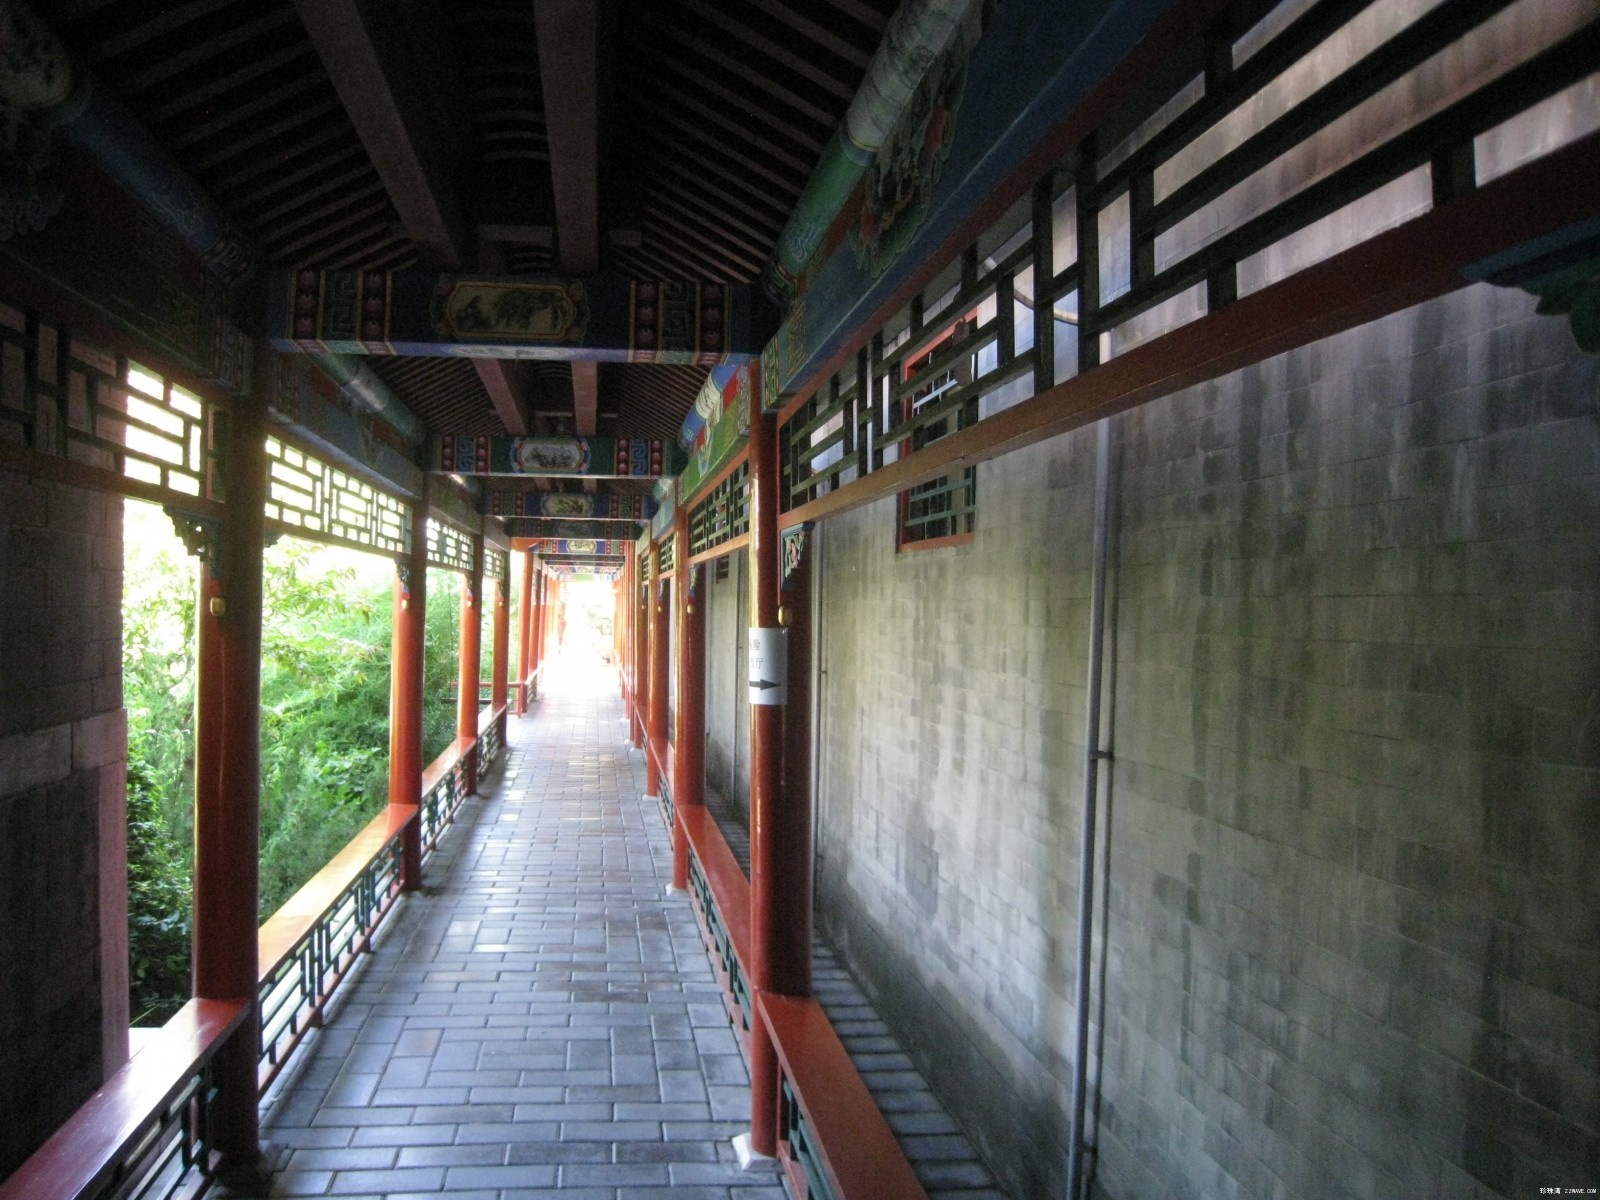 原创:家园就是公园——漫步养老院:天赐山庄 - lliiang1017 - 燕山红场的博客